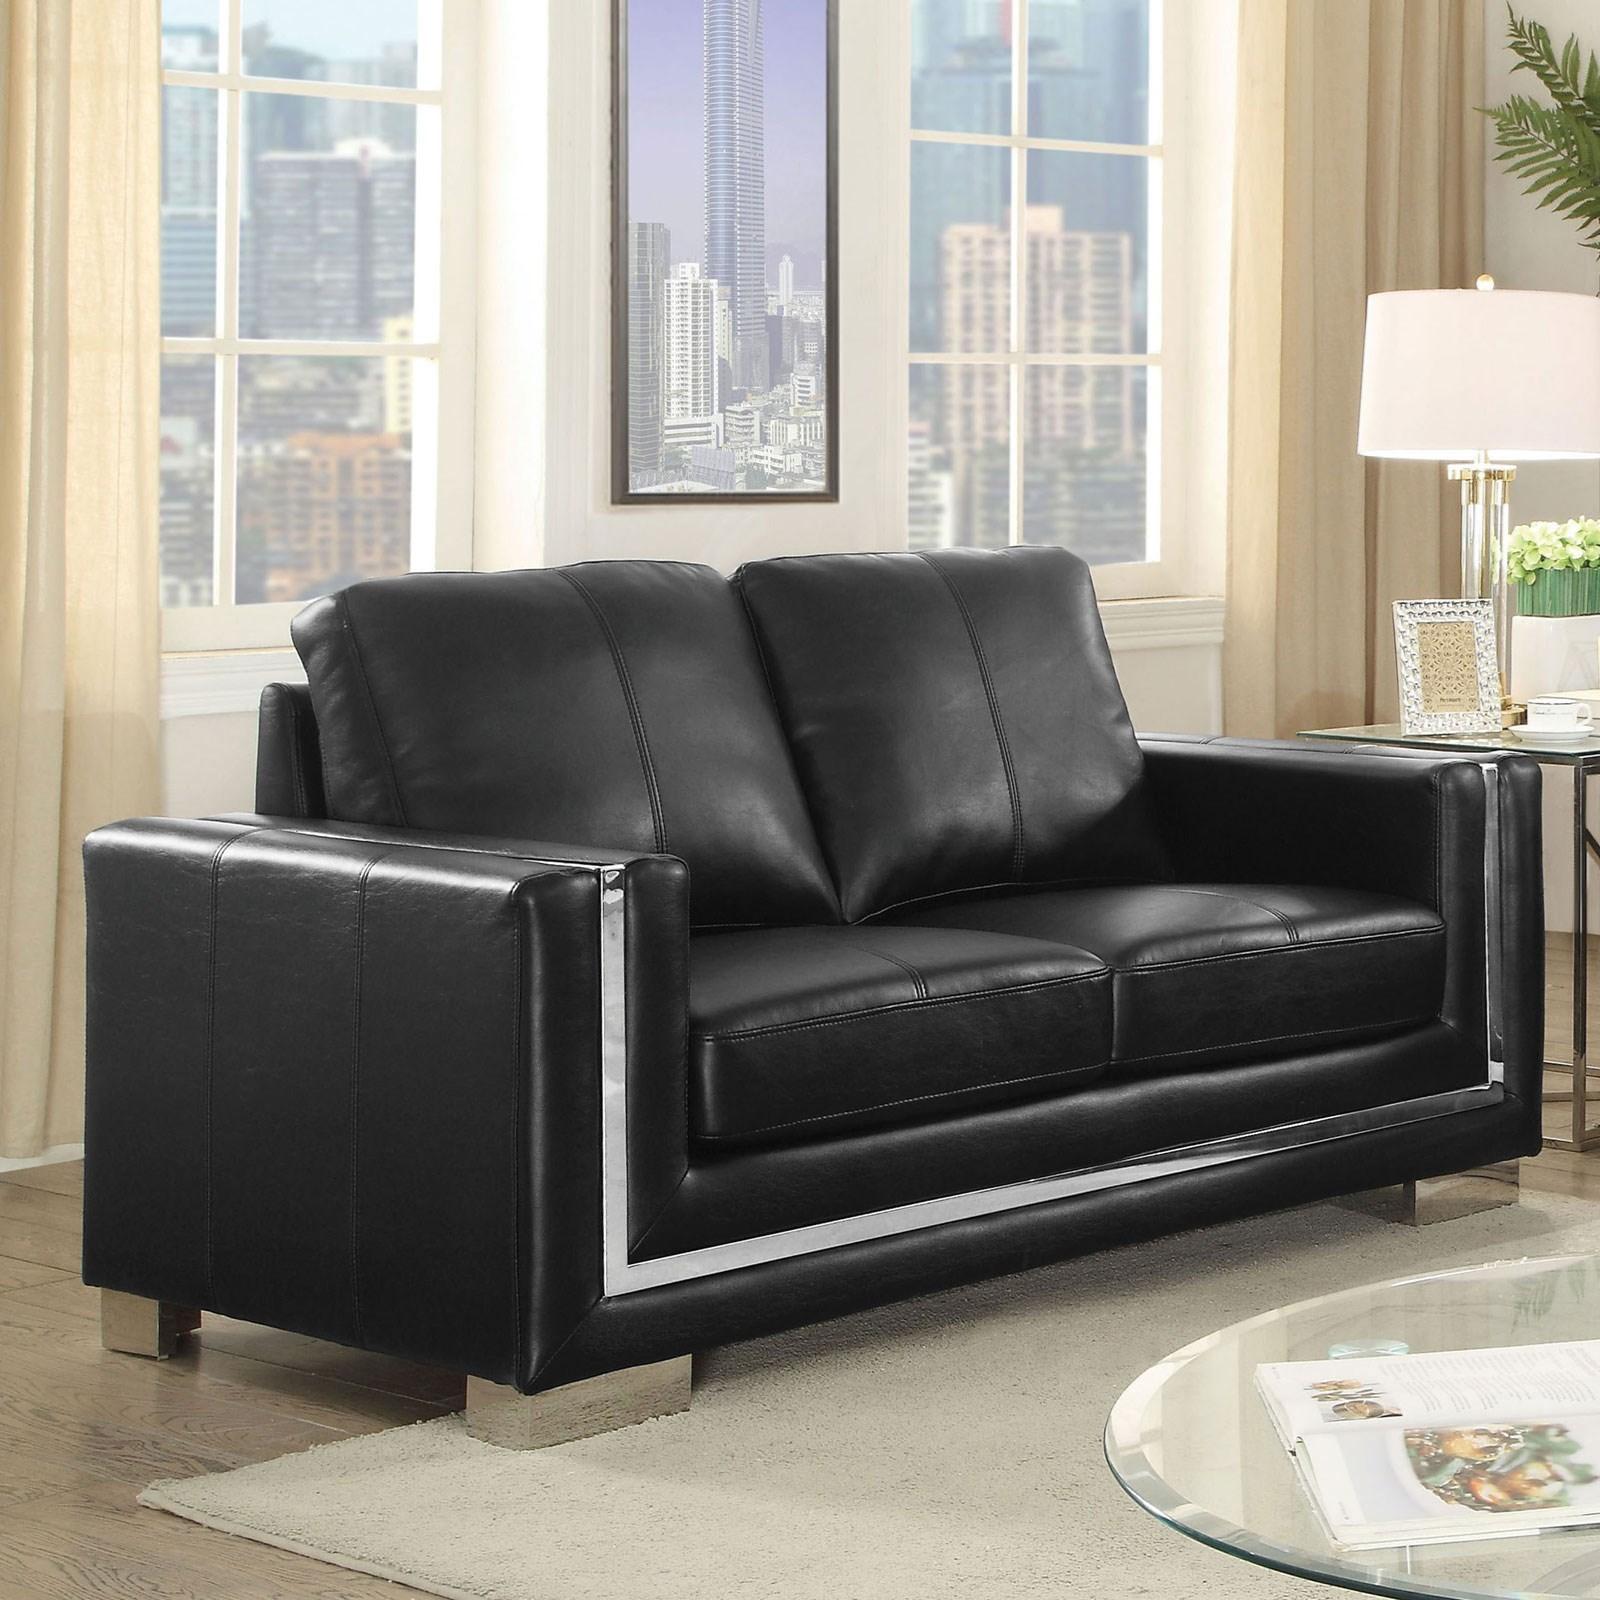 Perla Love Seat by Furniture of America at Nassau Furniture and Mattress